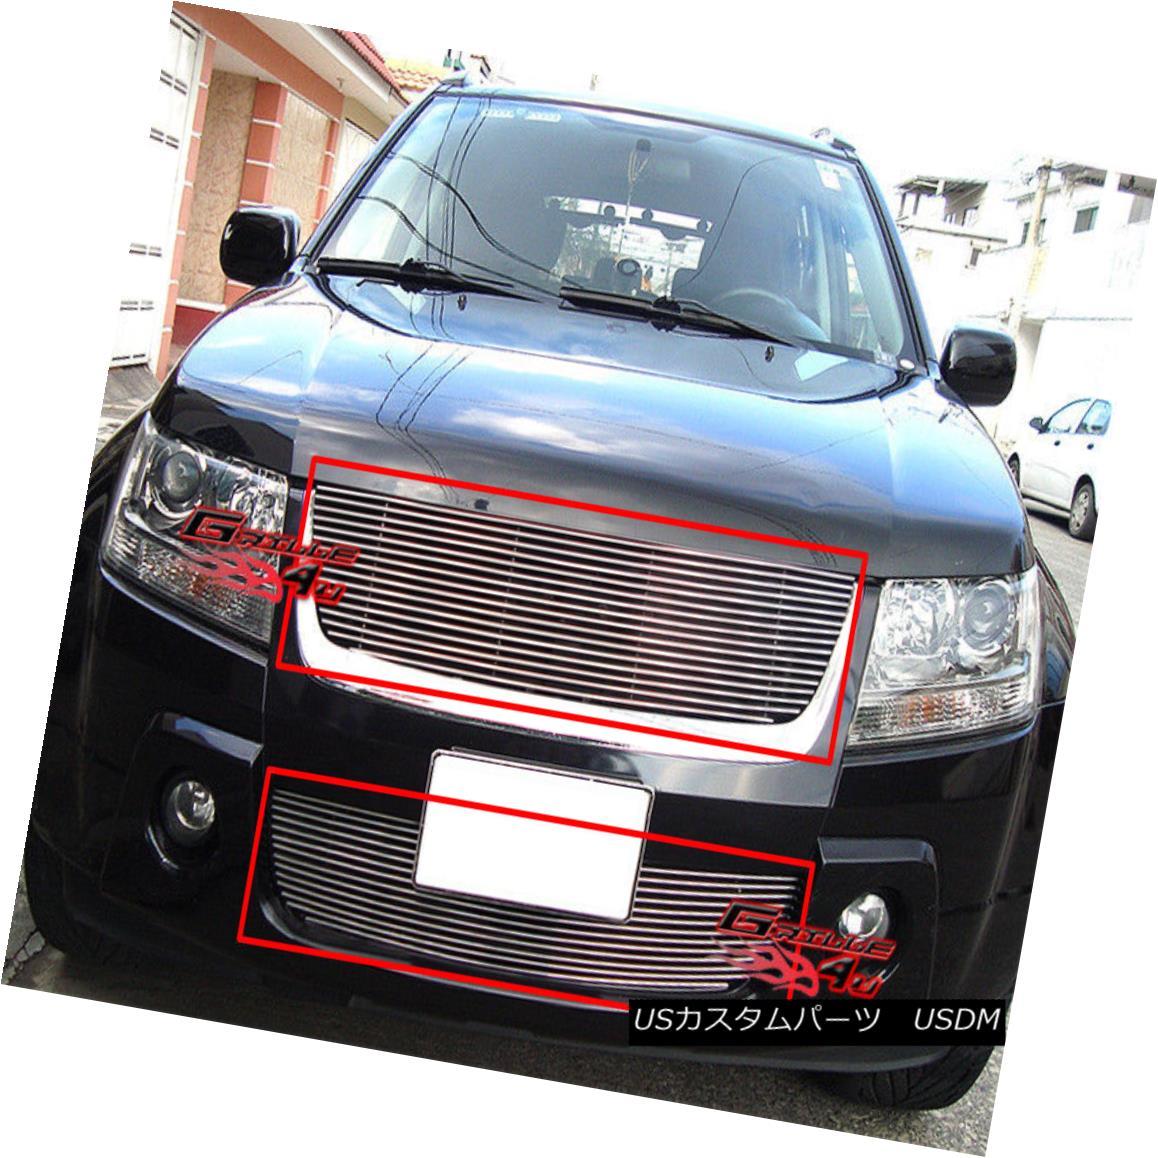 グリル Fits 06-2011 10 09 Suzuki Grand Vitara Billet Grille Combo フィット06-2011 10 09スズキグランドビタラビレットグリルコンボ